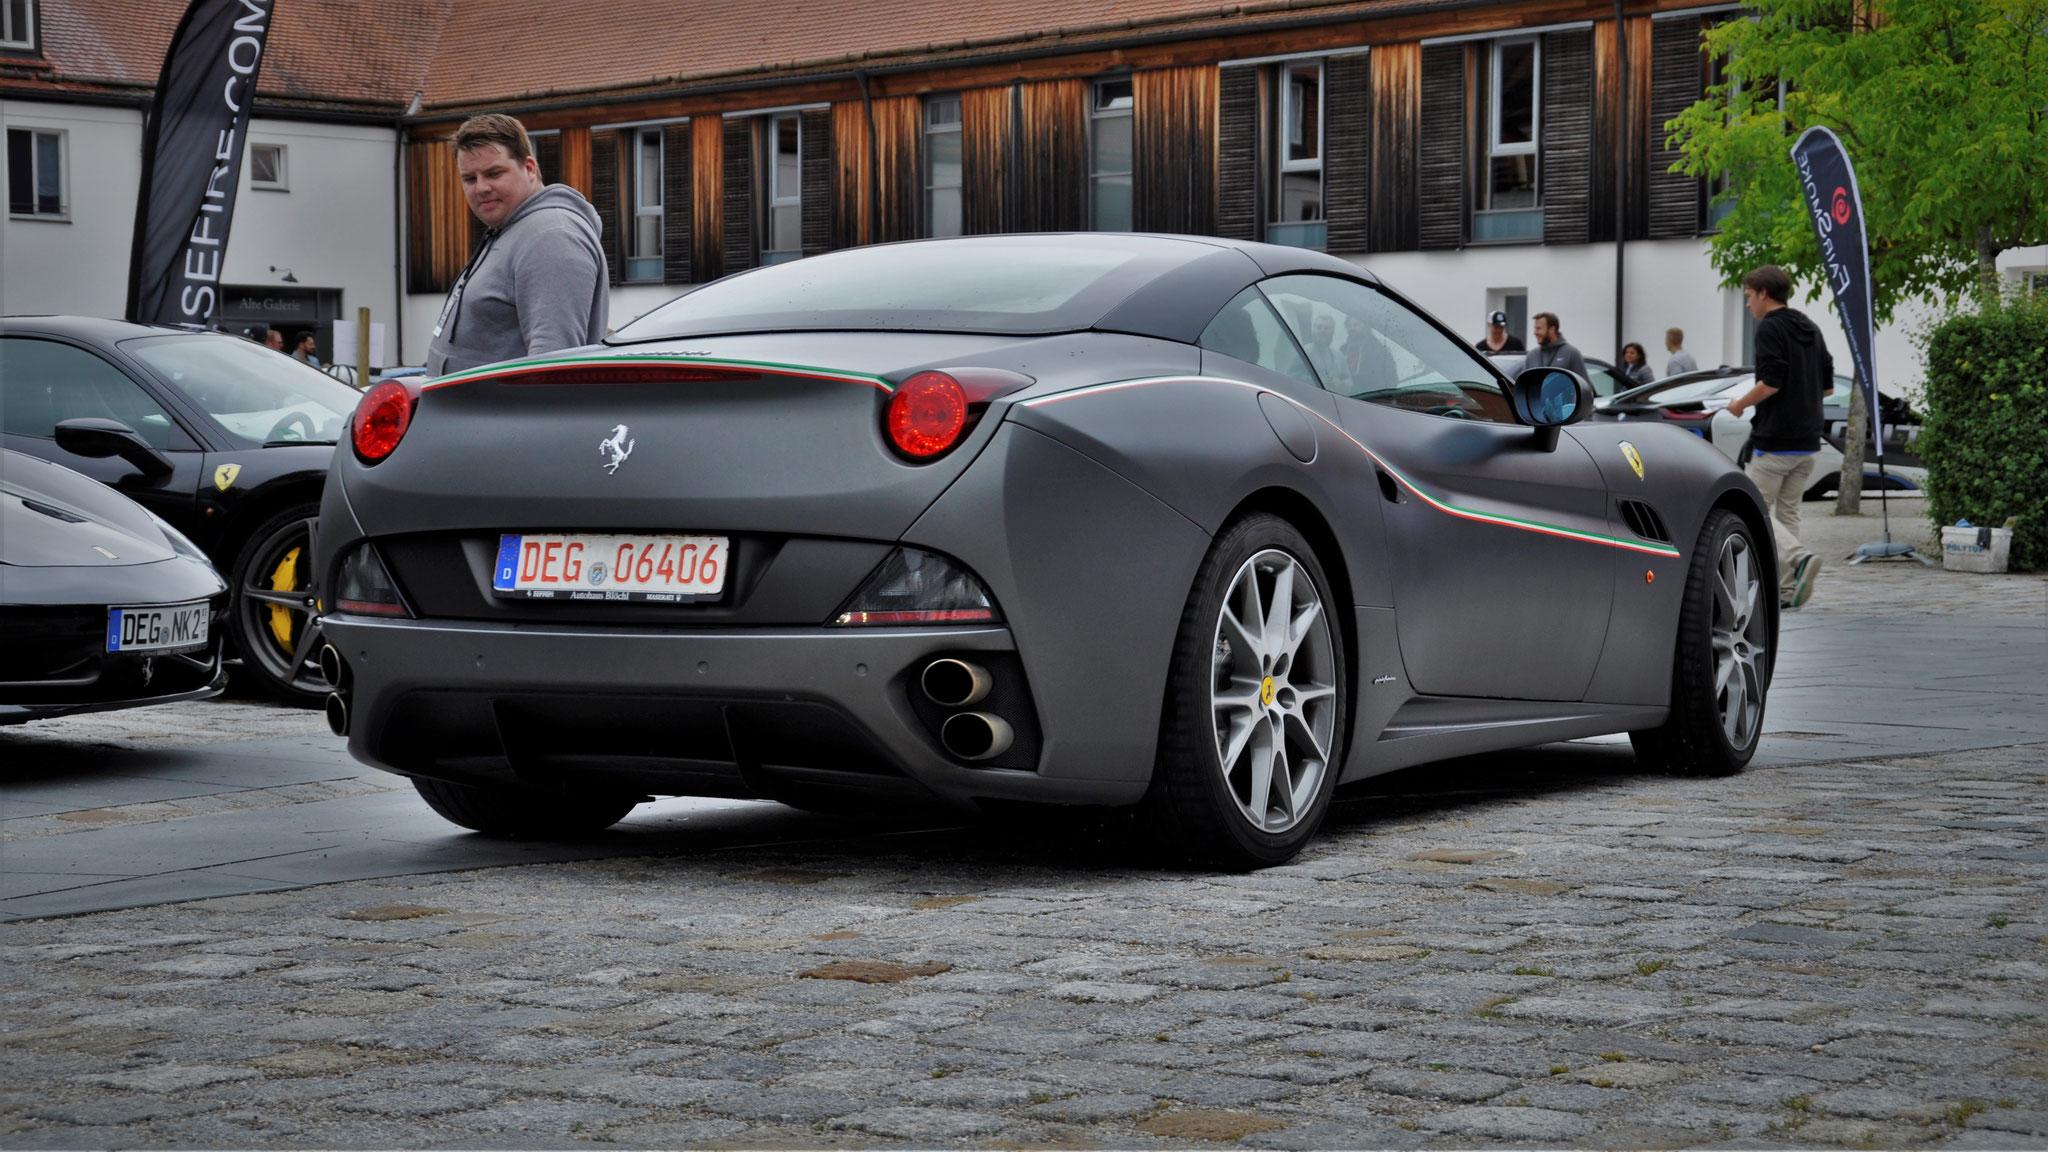 Ferrari California - DEG-06406